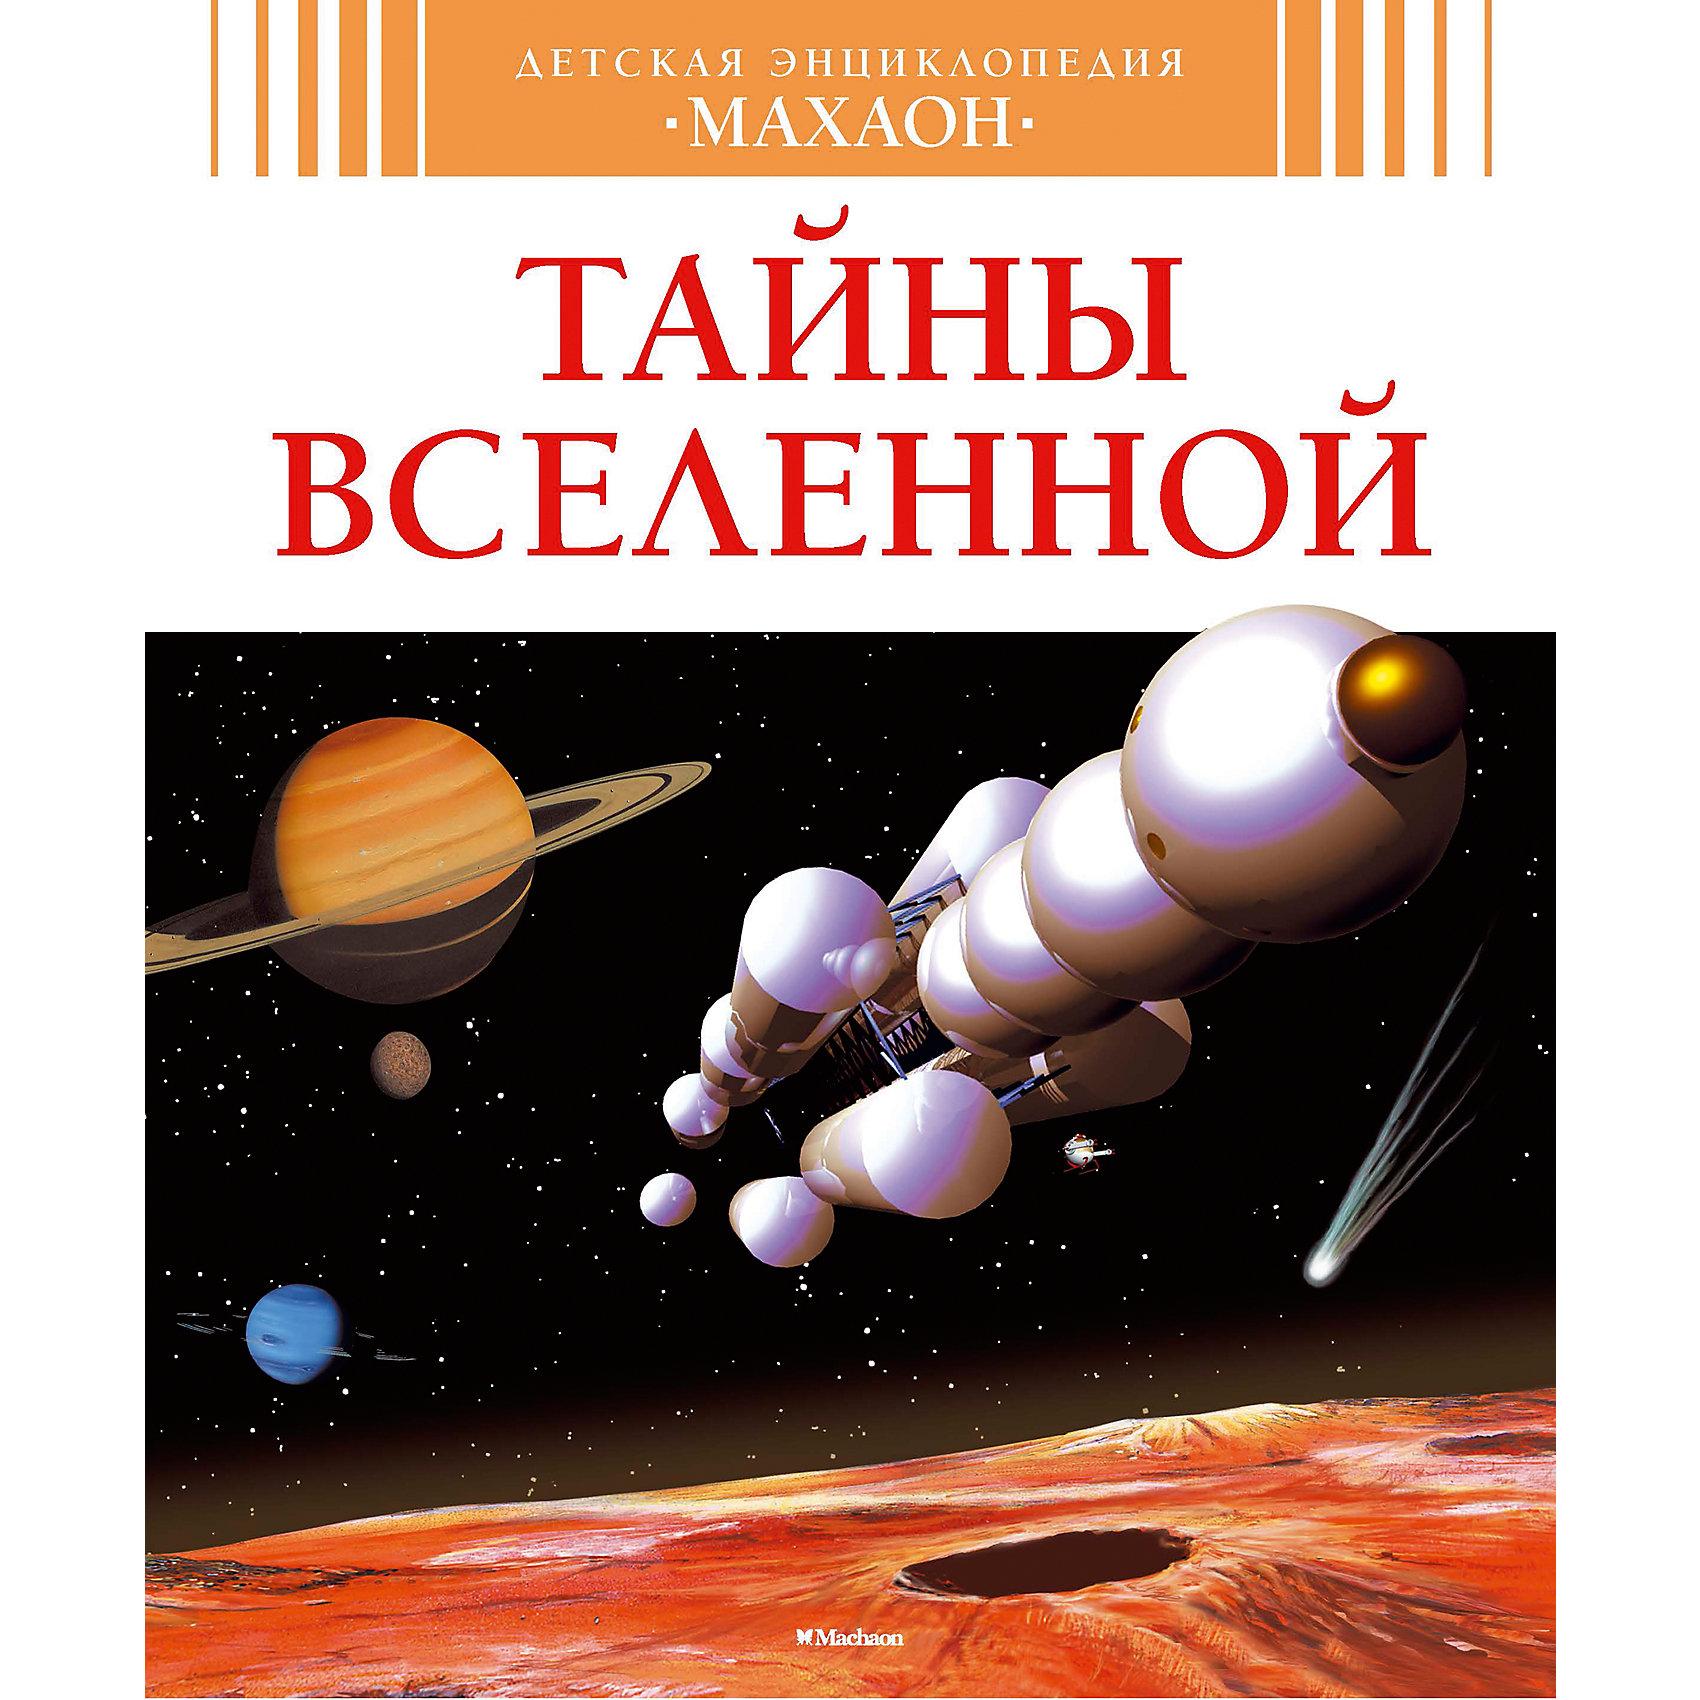 Детская энциклопедия Тайны ВселеннойЭнциклопедии про космос<br>Есть ли жизнь на Марсе?<br>Как рождаются и умирают звезды?<br>Зачем строить обсерваторию на Луне?<br>Опасен ли выход в открытый космос?<br>Кто придумал телескоп?<br>Что видят на Земле спутники-шпионы?<br>Когда космический зонд долетит до Плутона?<br>Сколько весит МКС?<br>Чем закончилась лунная гонка?<br>Можно ли найти воду в космосе?<br>Как измерить расстояние до далекой галактики?<br>Где искать черные дыры?<br><br>Ответы на эти и многие другие вопросы юные читатели найдут в этой увлекательной, прекрасно иллюстрированной энциклопедии, в которой рассказывается о загадках звезд, планет, галактик и об освоении космического пространства человеком.<br>Страниц: 128<br>Формат: 202х243<br>Переплет: Переплет<br><br>Ширина мм: 260<br>Глубина мм: 215<br>Высота мм: 13<br>Вес г: 443<br>Возраст от месяцев: 84<br>Возраст до месяцев: 168<br>Пол: Унисекс<br>Возраст: Детский<br>SKU: 2411750